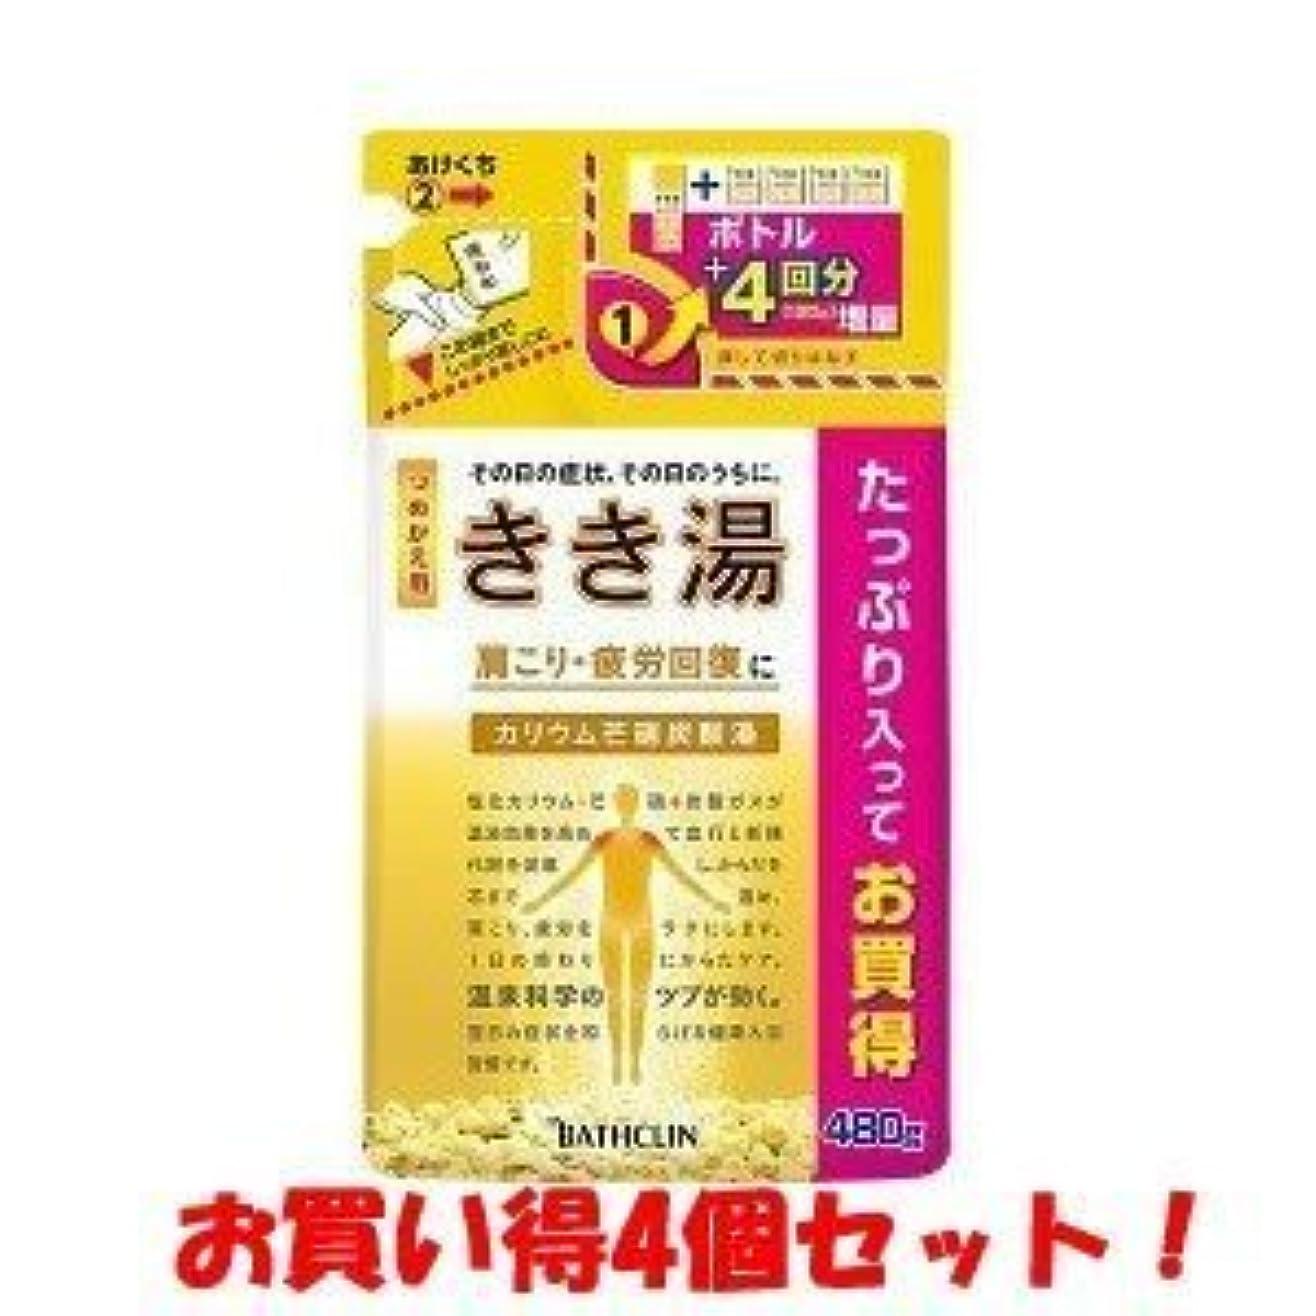 梨静けさ雲(バスクリン)きき湯 カリウム芒硝炭酸湯 つめかえ用 480g(医薬部外品)(お買い得4個セット)